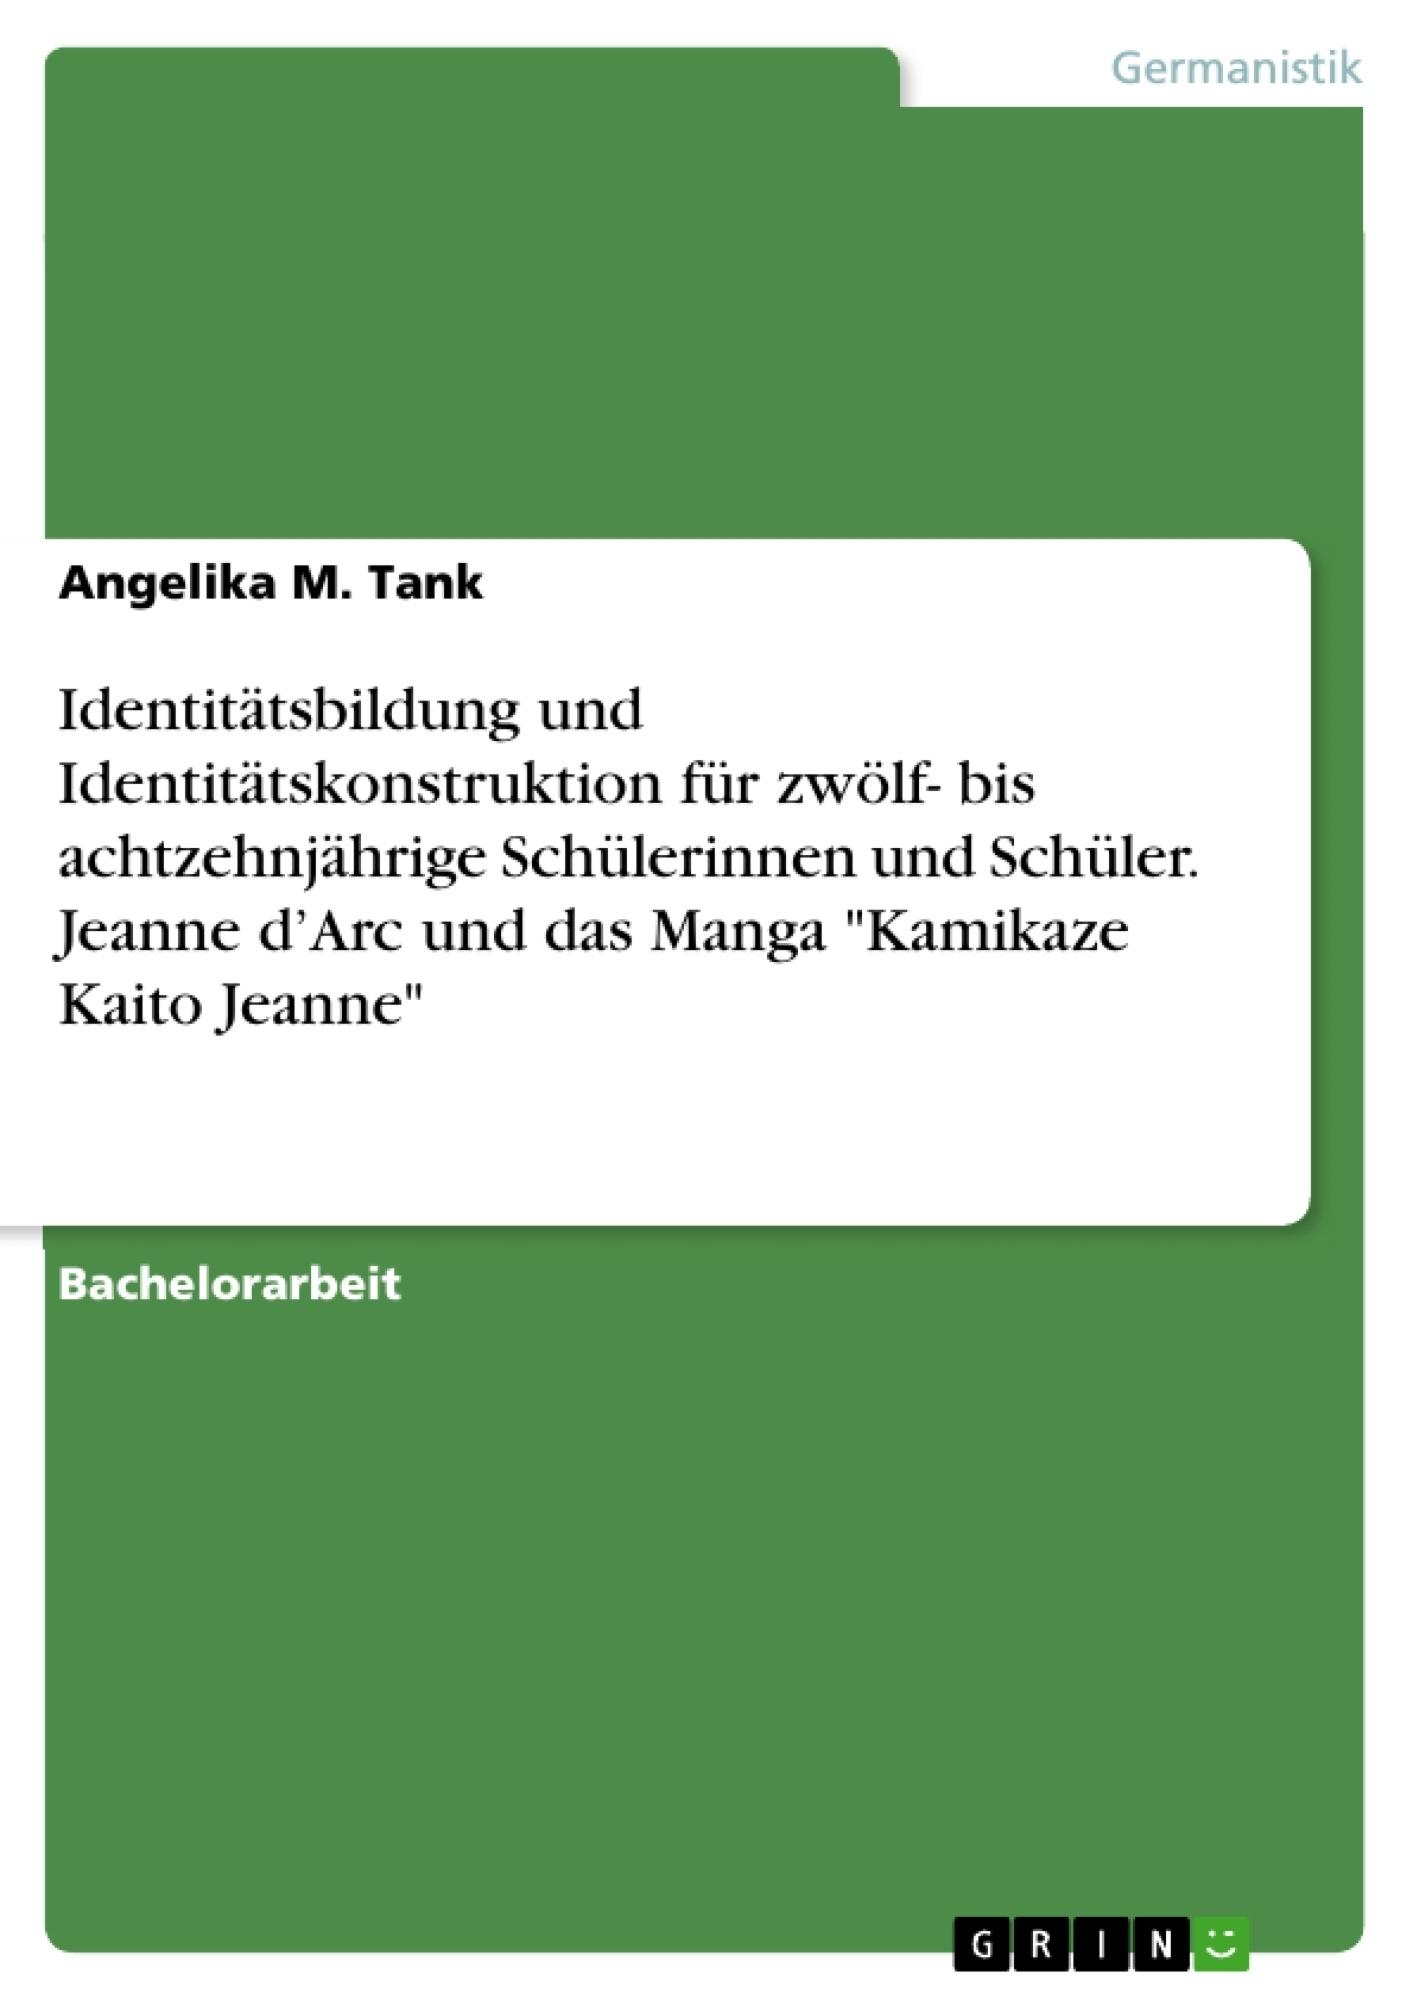 """Titel: Identitätsbildung und Identitätskonstruktion für zwölf- bis achtzehnjährige Schülerinnen und Schüler. Jeanne d'Arc und das Manga """"Kamikaze Kaito Jeanne"""""""